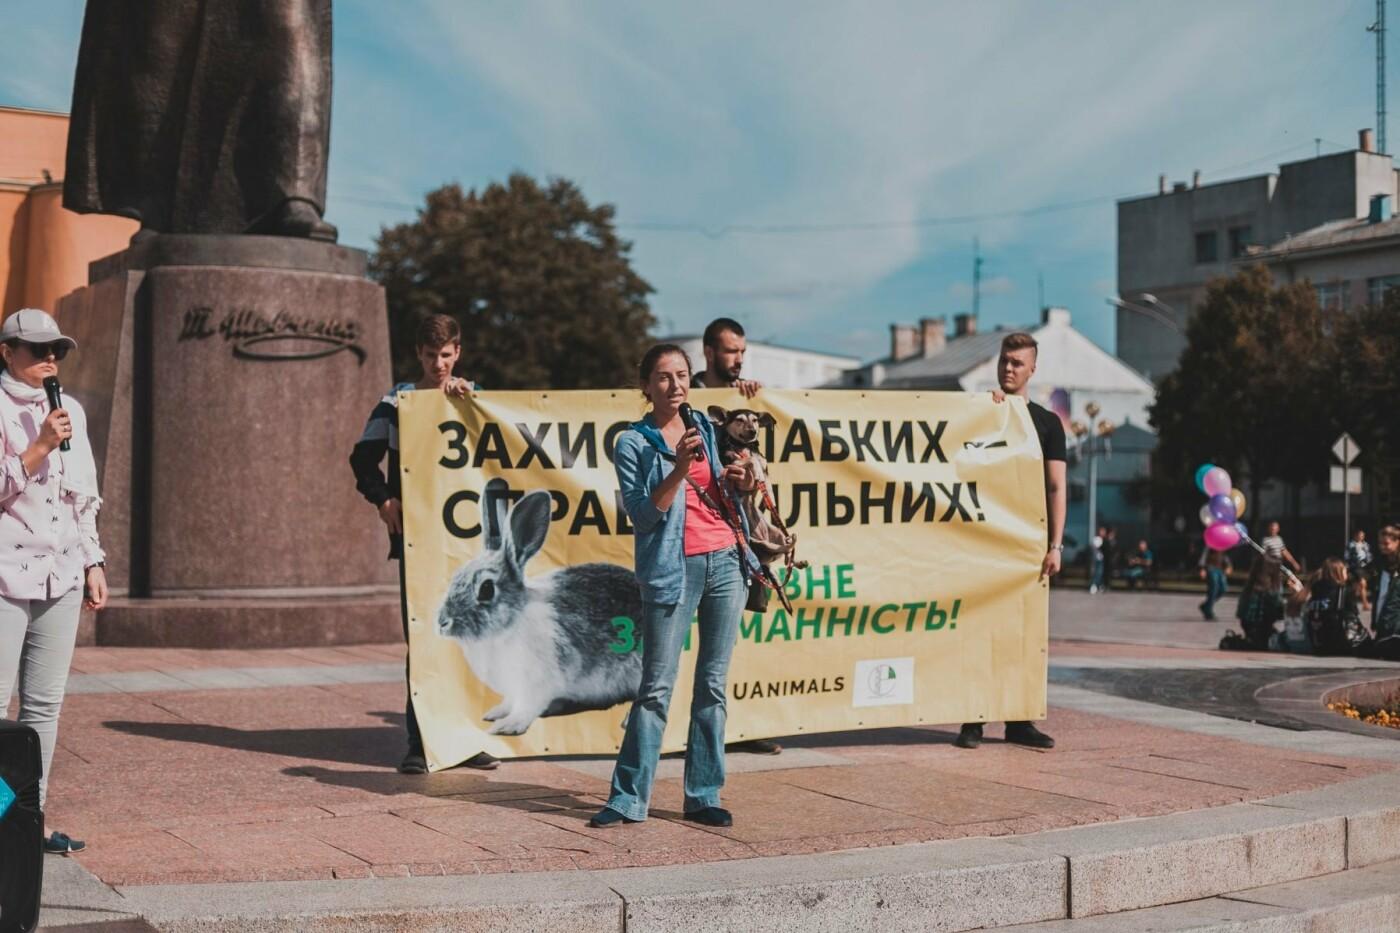 Разом з дітьми та домашніми улюбленцями: у Рівному пройшов Всеукраїнський марш за тварин (ФОТО), фото-6